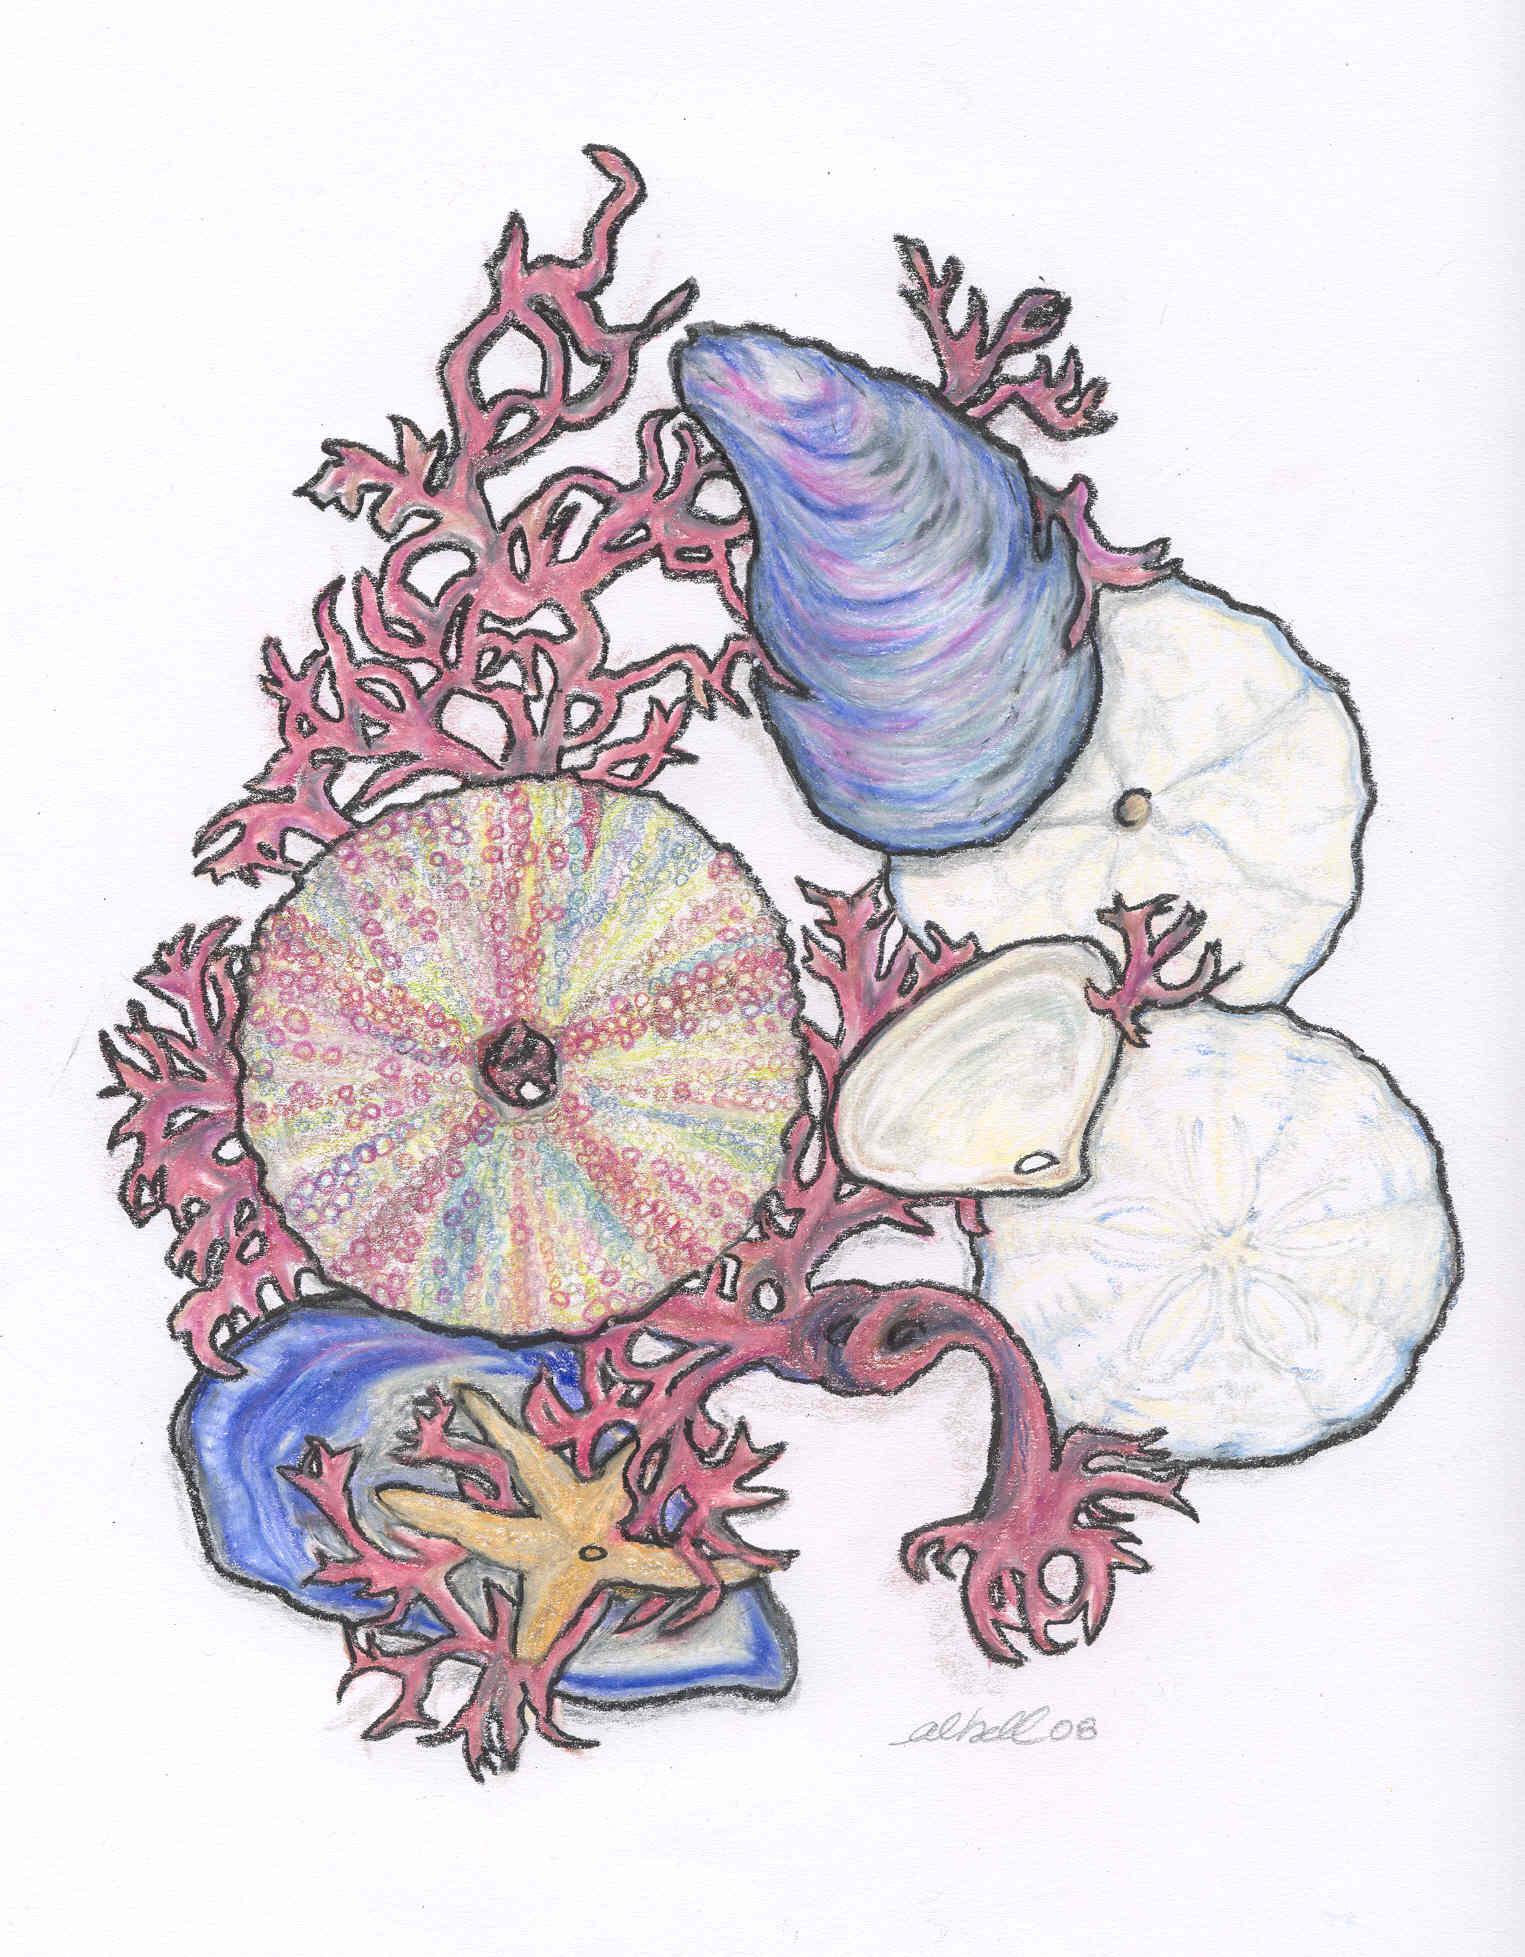 seaweed-and-shells